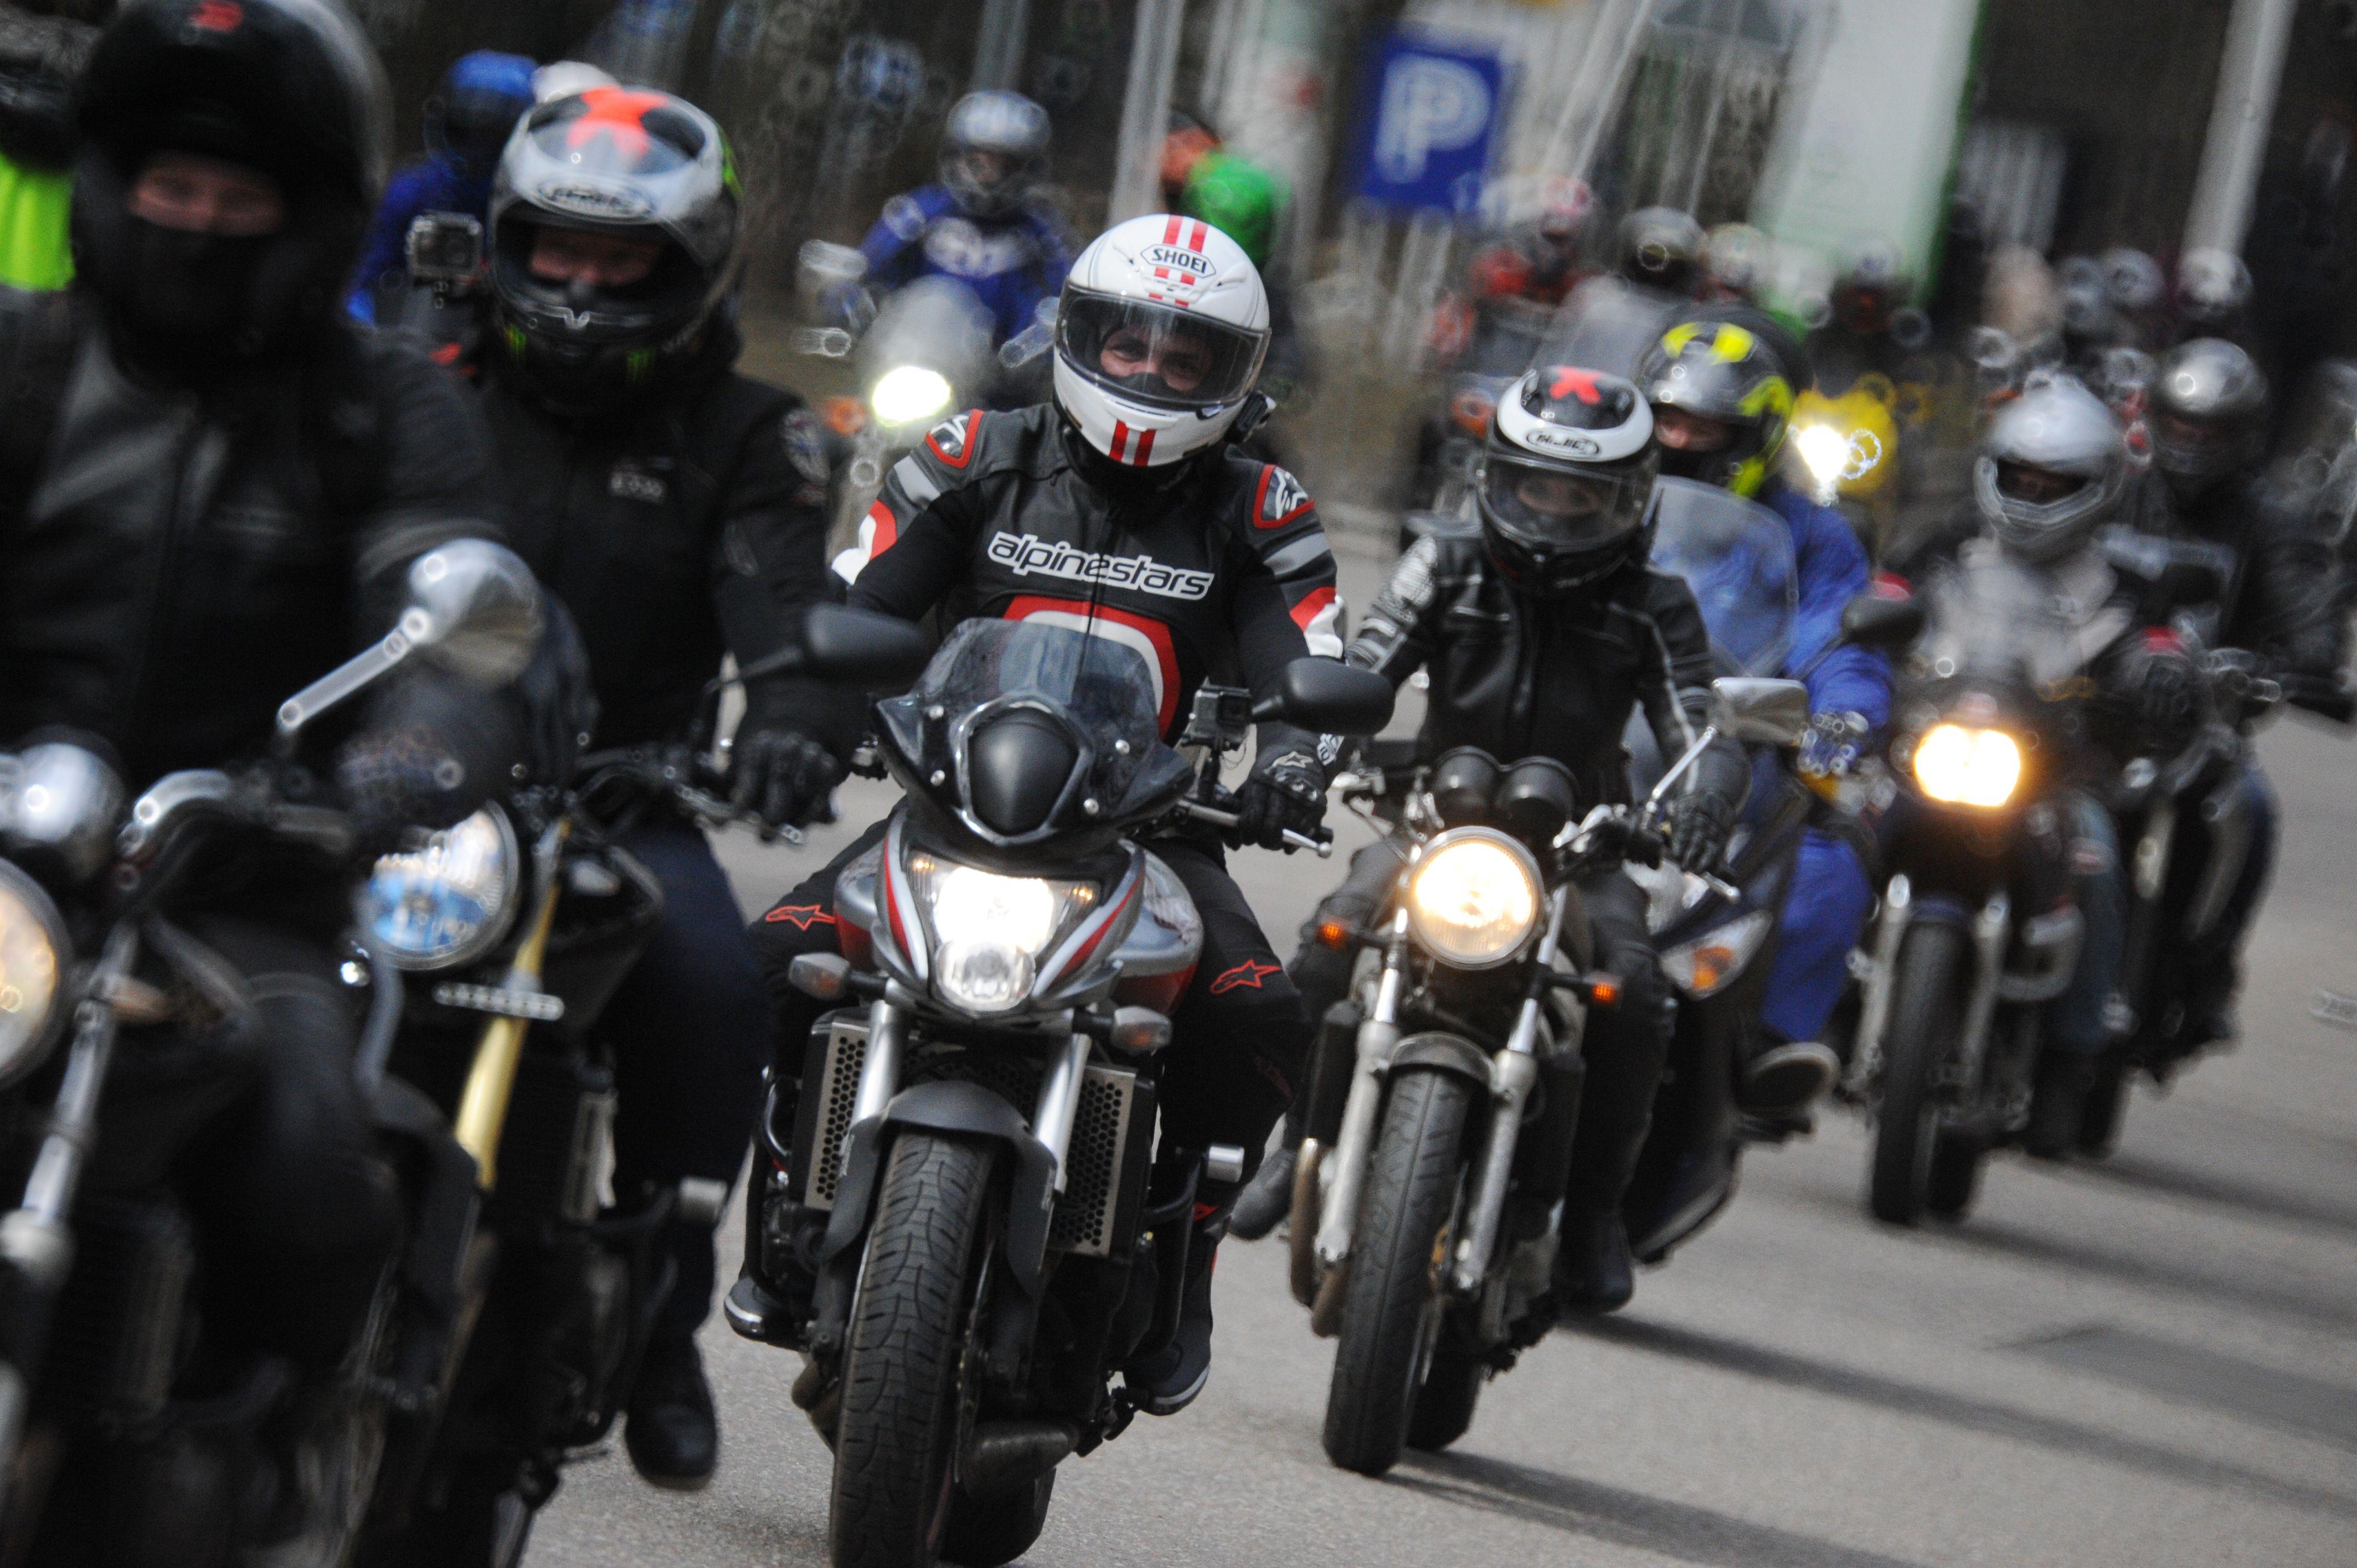 Мотоциклистов Москвы попросили не выезжать на дороги